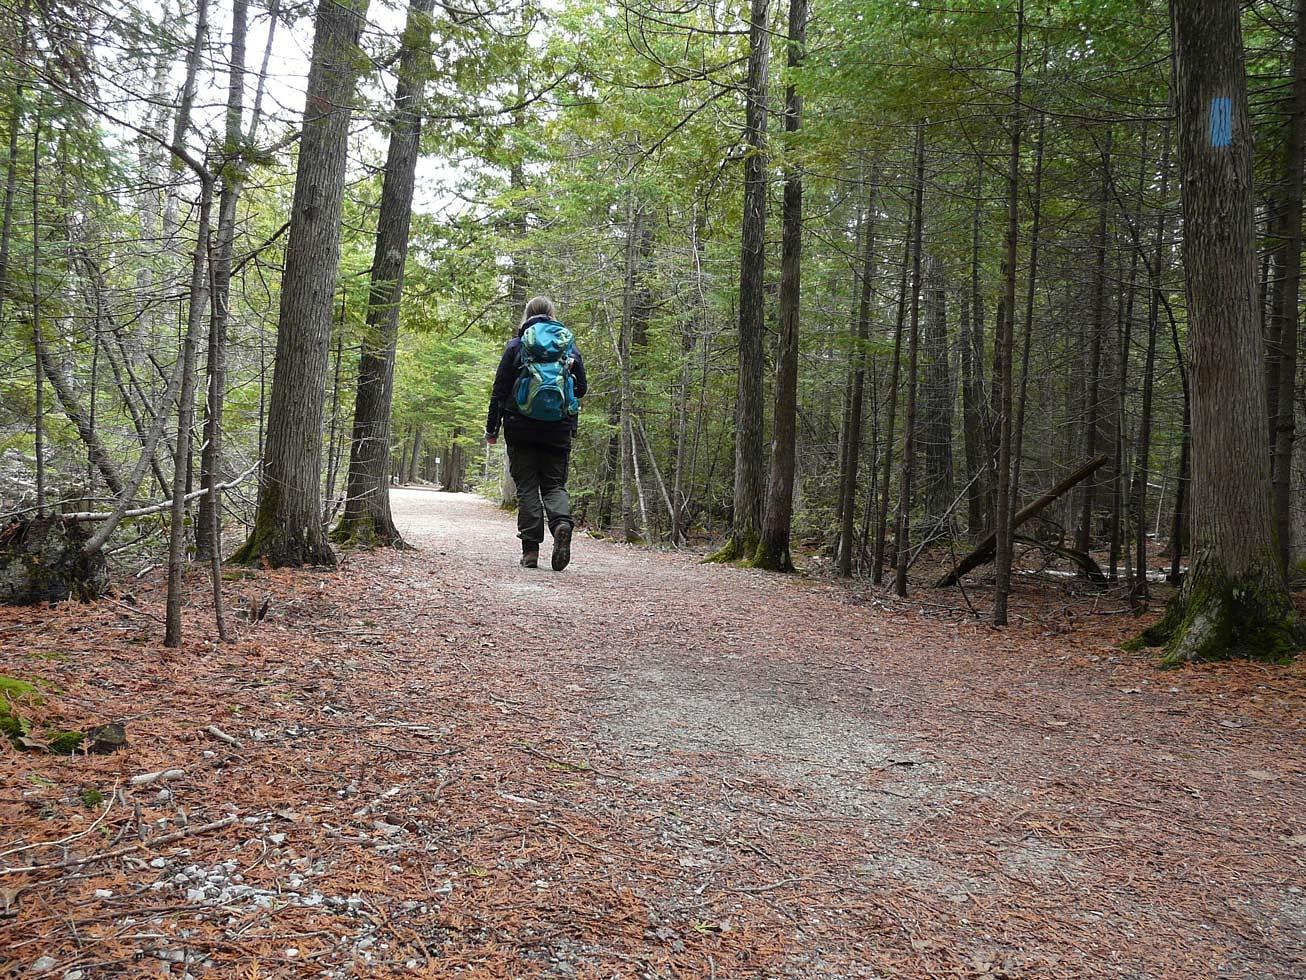 pDer-Bruce-Trail-fuumlhrt-auch-durch-den-Bruce-Peninsula-Nationalpark-bevor-das-Ziel-die-Stadt-Tobermory-erreicht-wird-Hier-sind-einige-Wege-breiter-angelegt-Ein-leichterer-Einstieg-in-dasnbsp156-qm-groszlige-Gebietnbspp